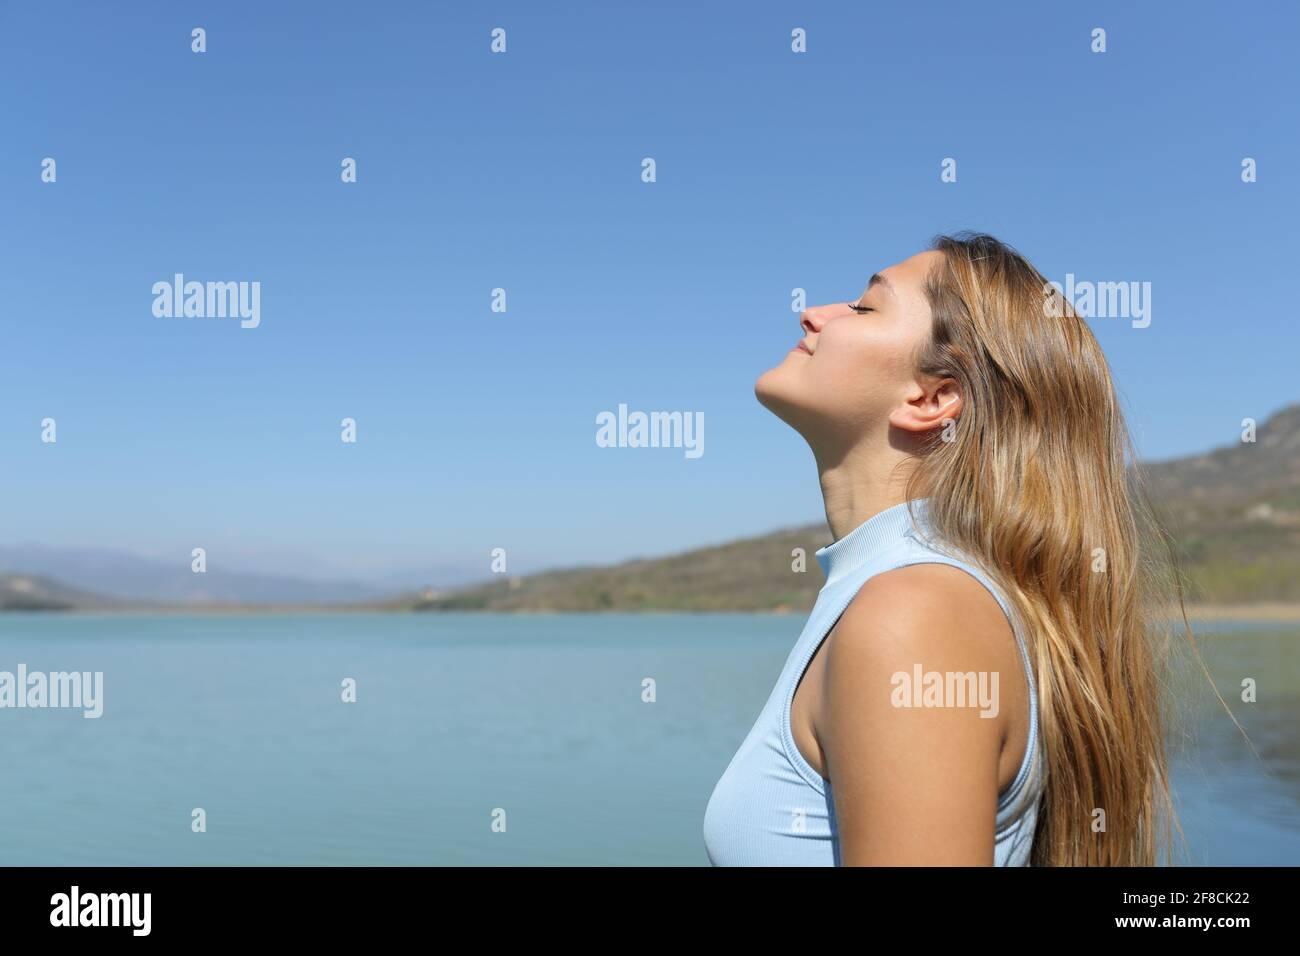 Vue latérale d'une femme détendue respirant de l'air frais dans un lac Banque D'Images